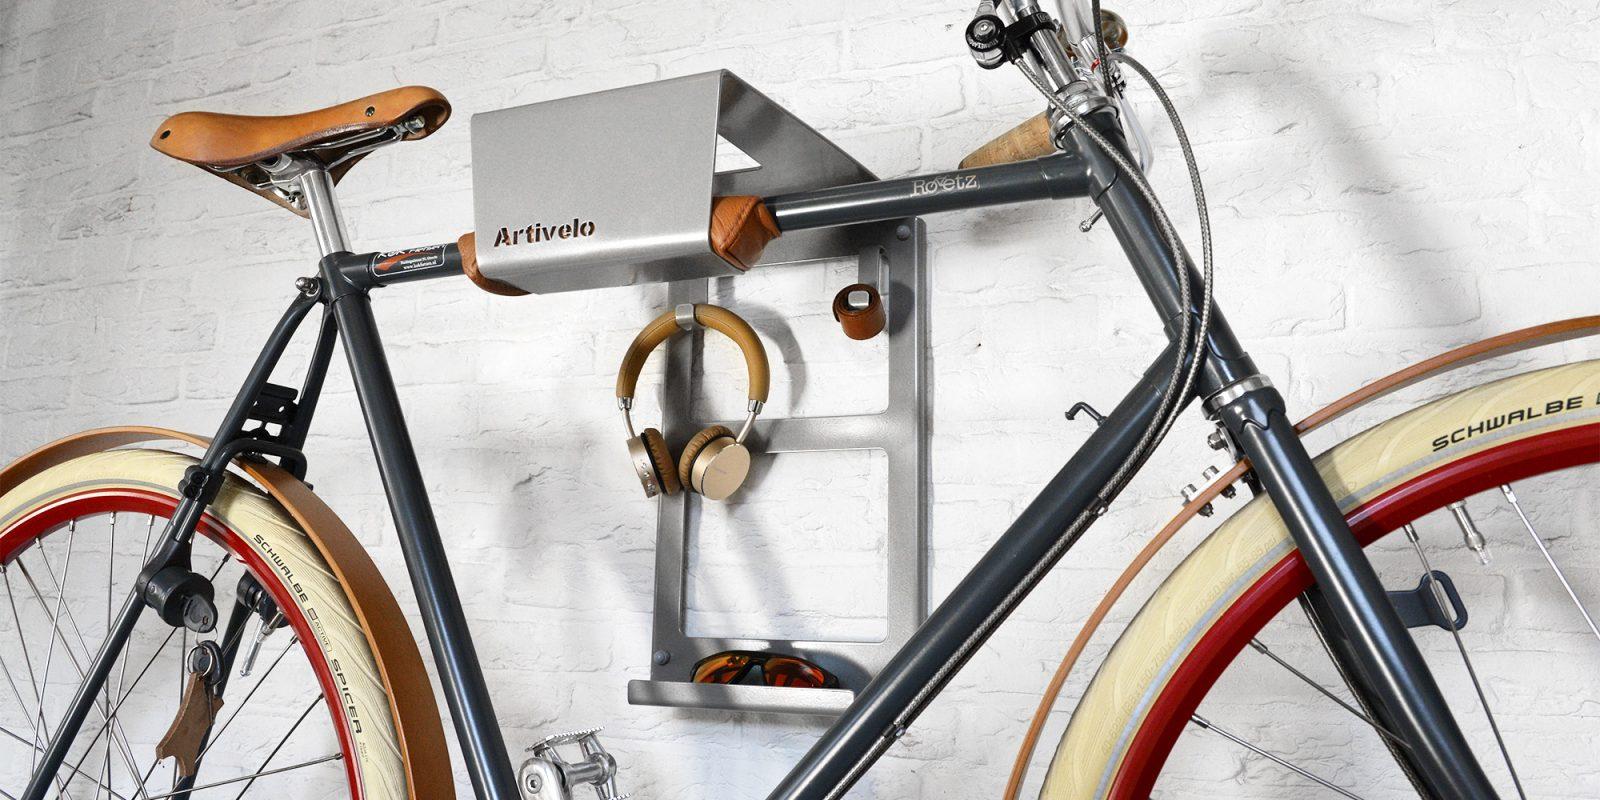 De nieuwe Artivelo BikeDock Urban is verkrijgbaar